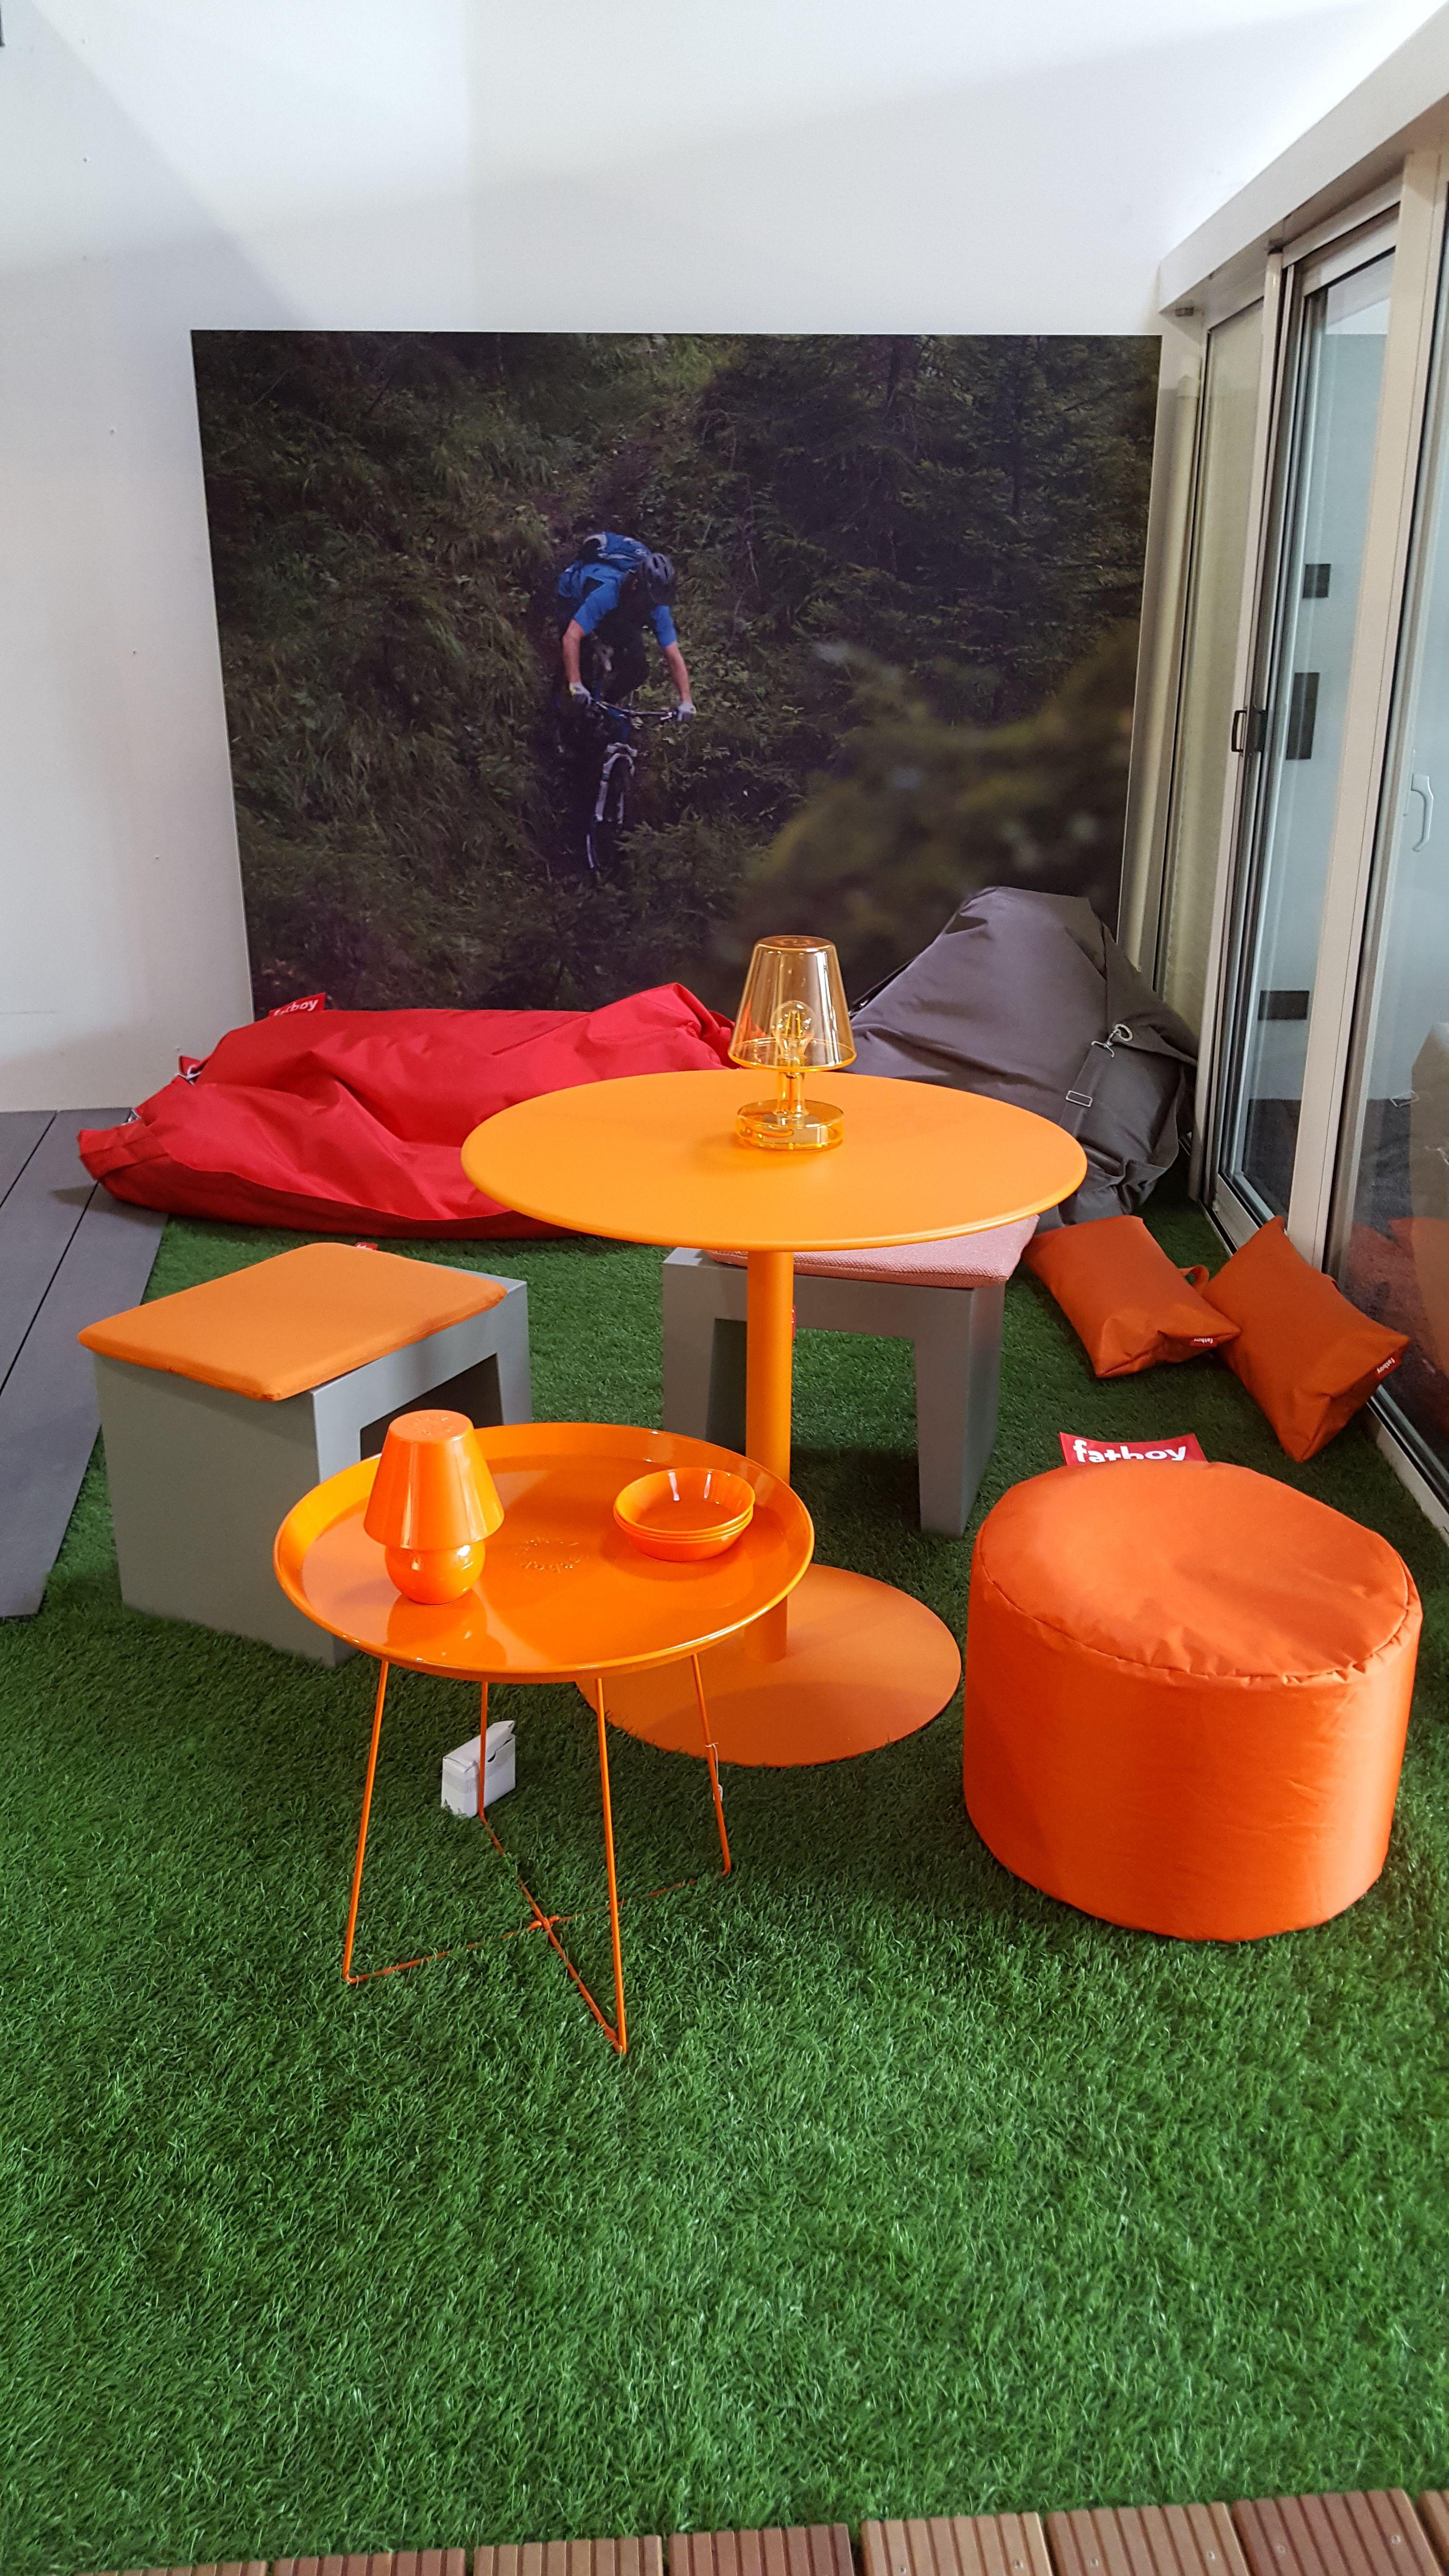 Fatboy; Tisch Formitable, Snackrack Und Point In Orange. Dazu Der  Hocker/Tisch